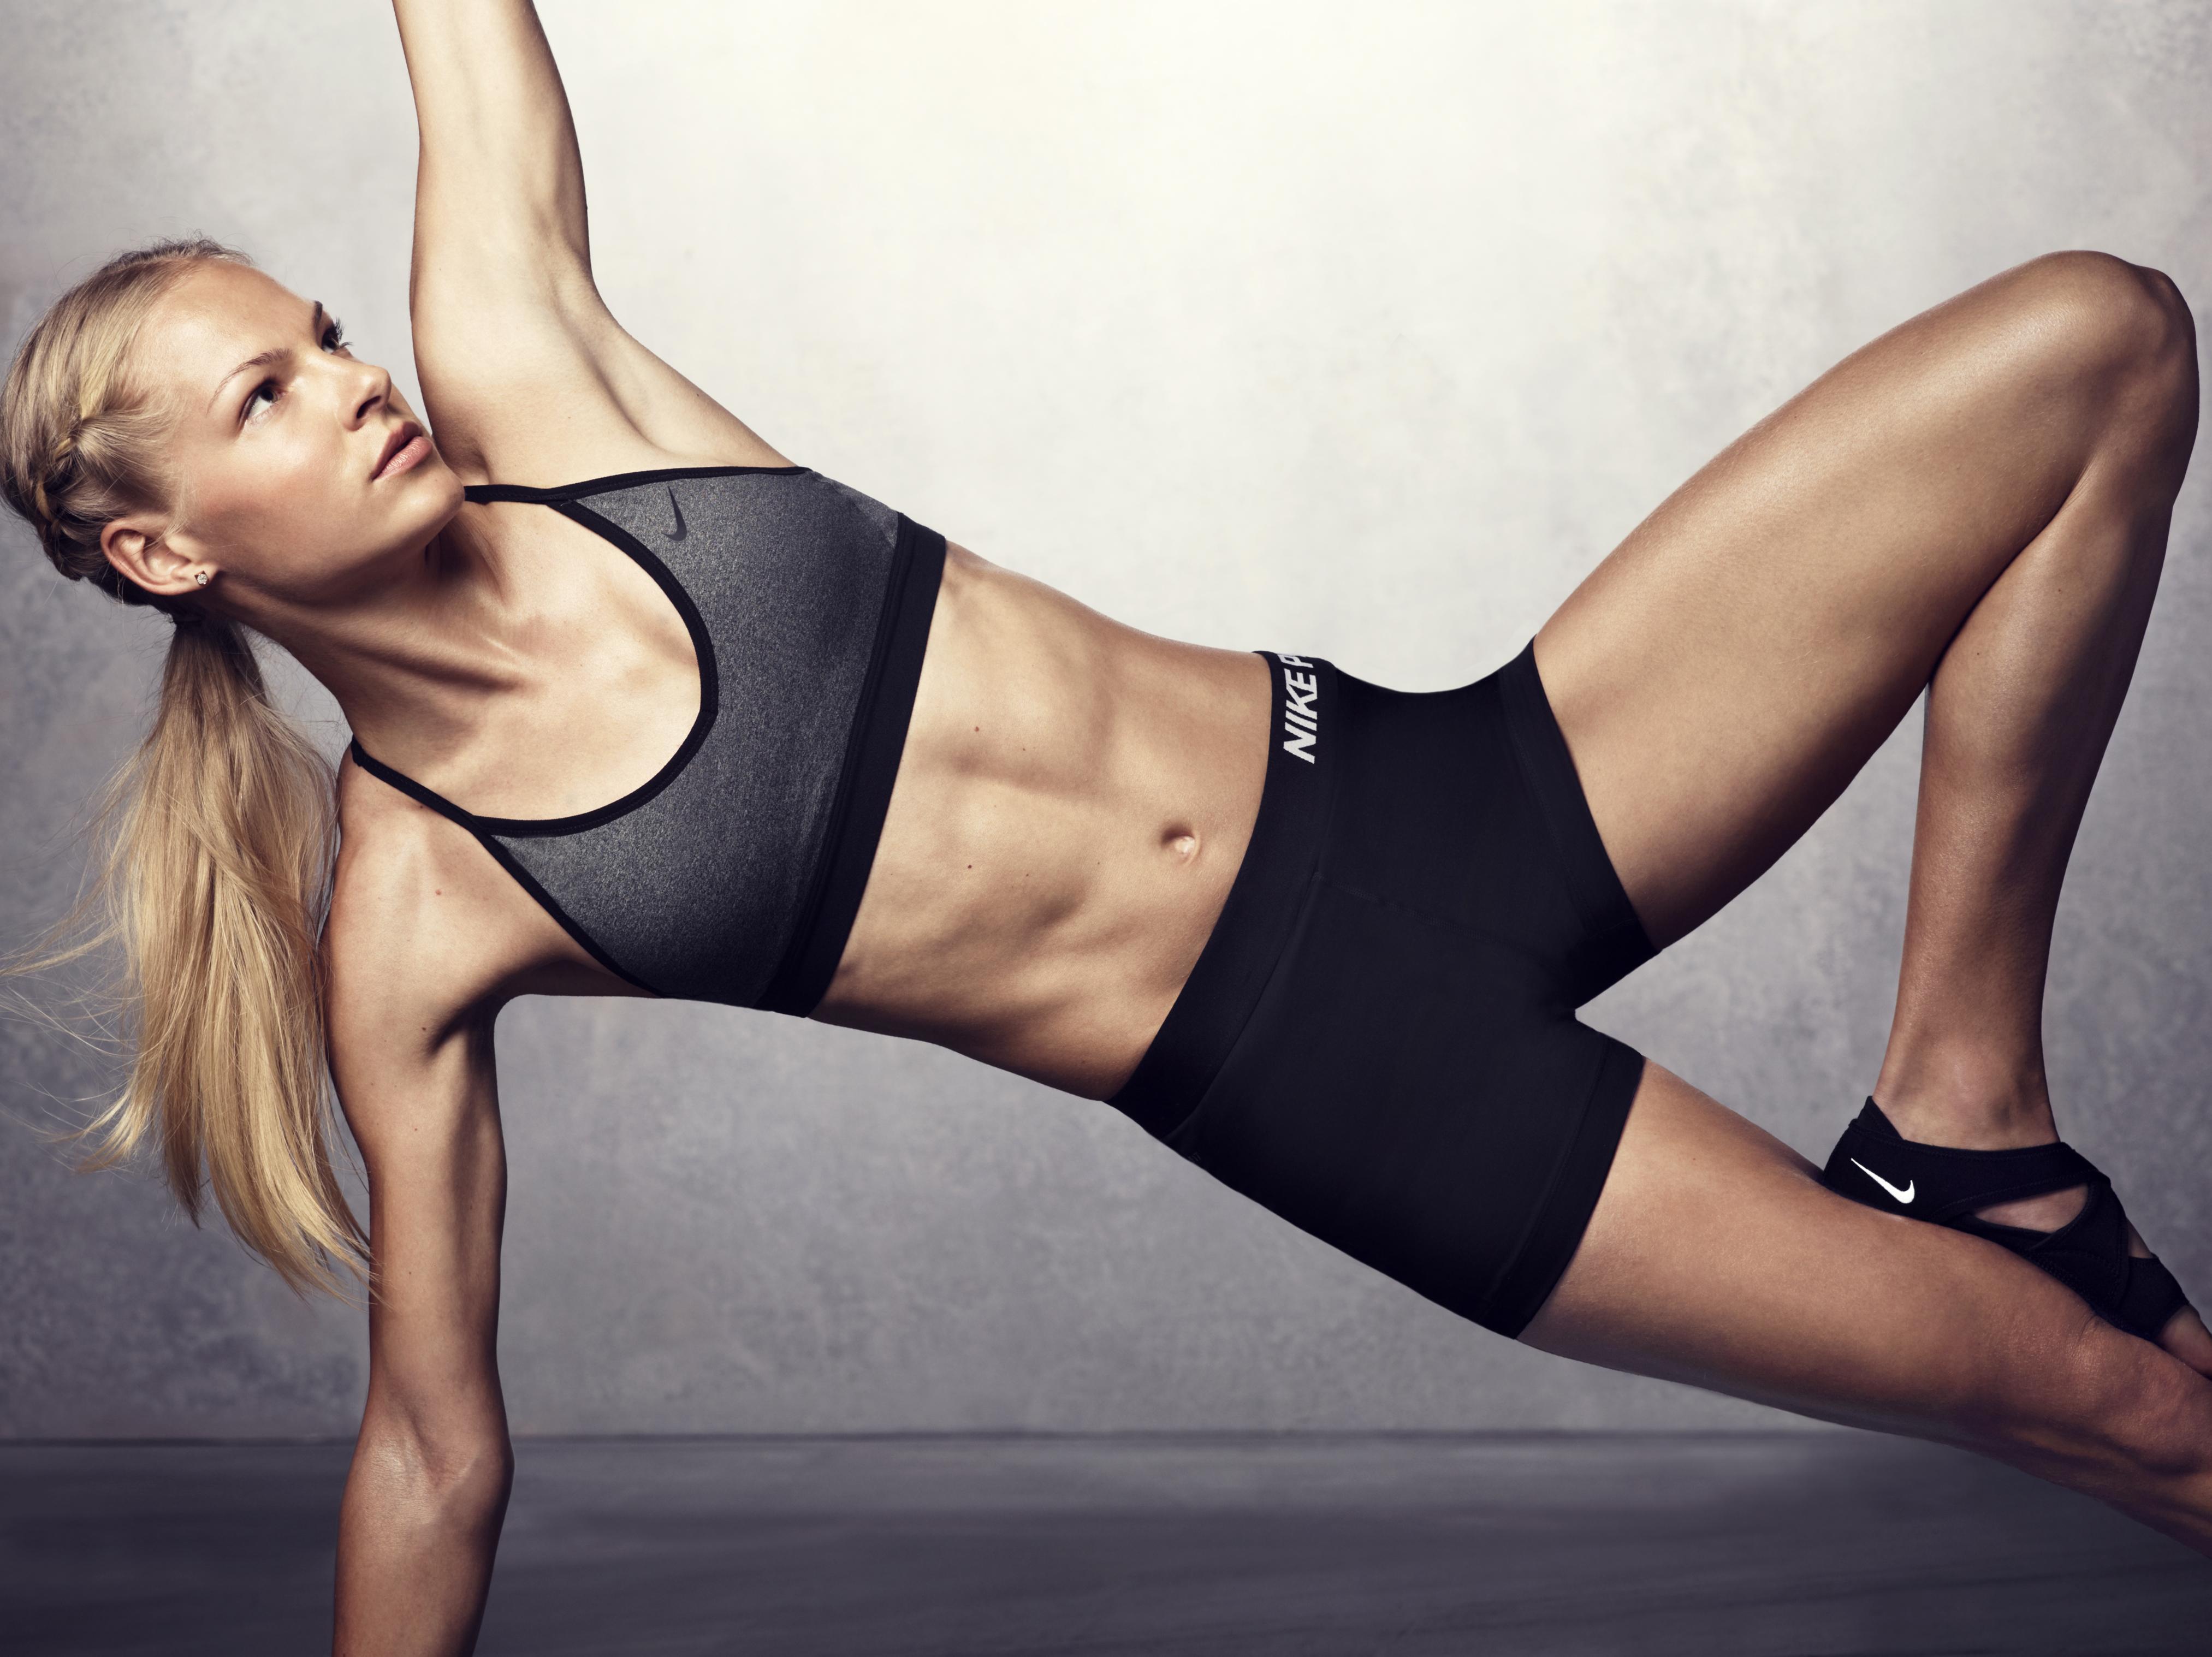 """Darya Klishina (Ð""""Ð°Ñ€ÑŒÑ ÐšÐ»Ð¸ÑˆÐ¸Ð½Ð°) - Great Muscle ..."""